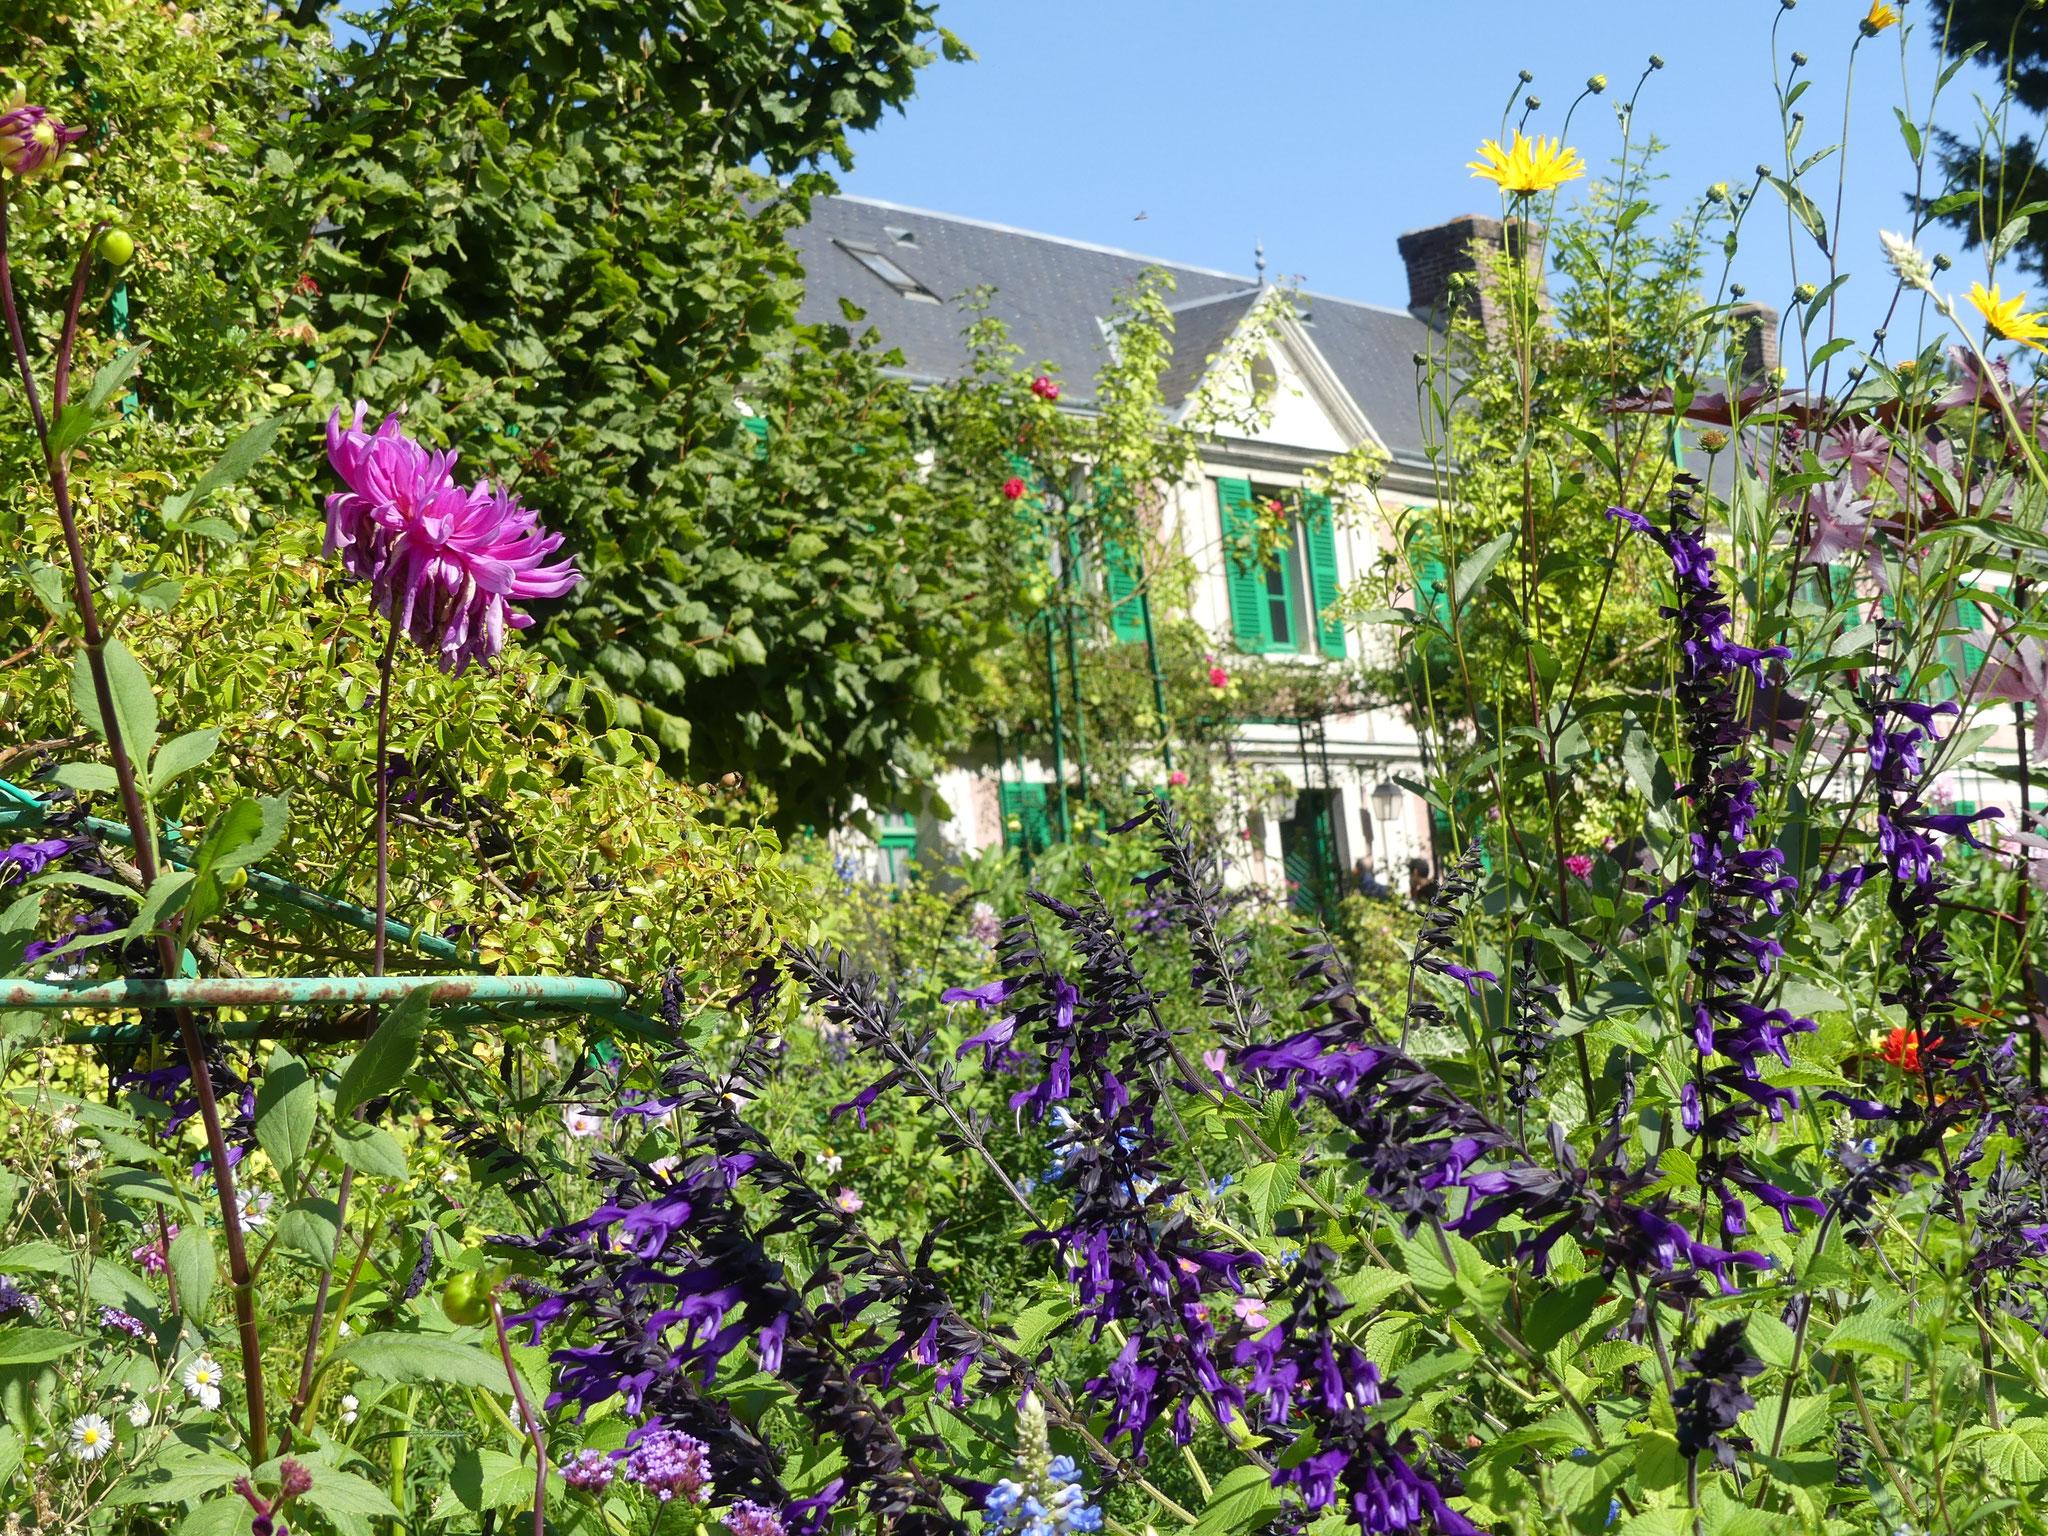 Maison Monet